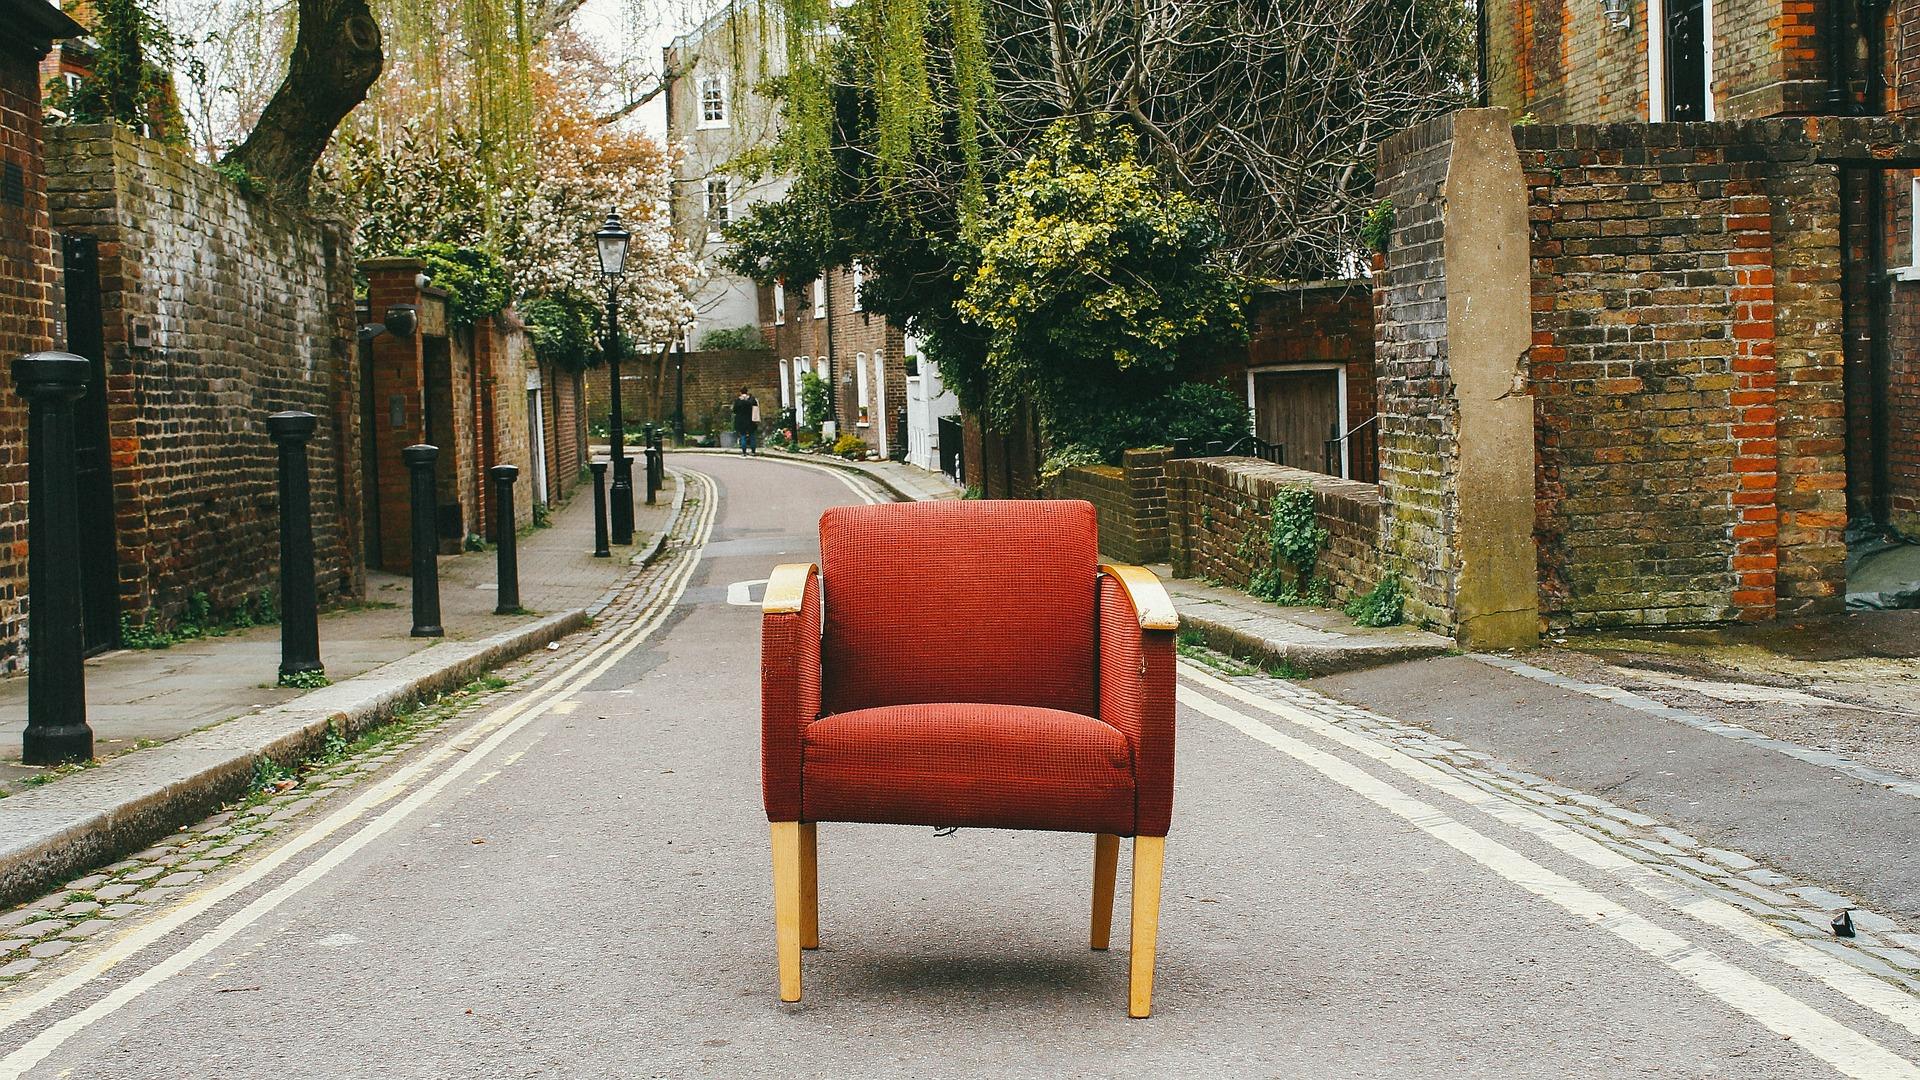 Chair 1840011_1920?fitu003d1920,1080u0026sslu003d1